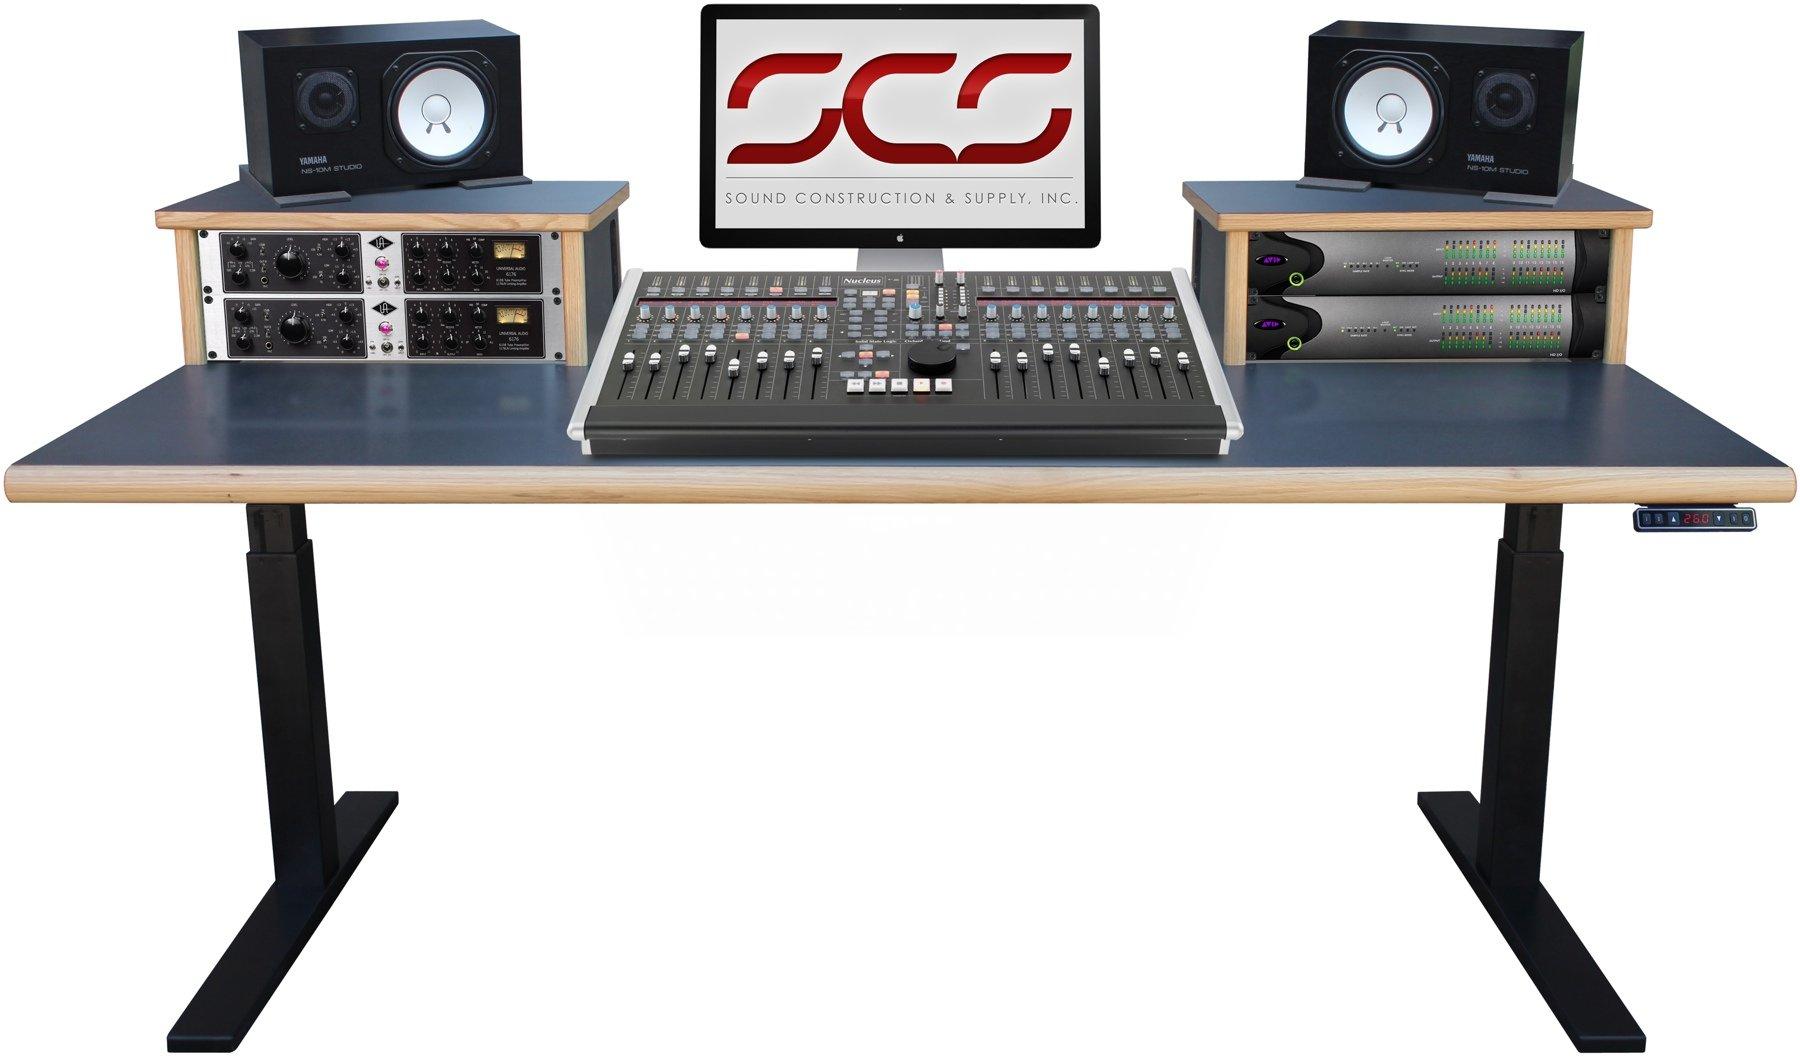 Sound Construction Scs Elevation Workstation 4x2 Studio Desk Oak Image 1